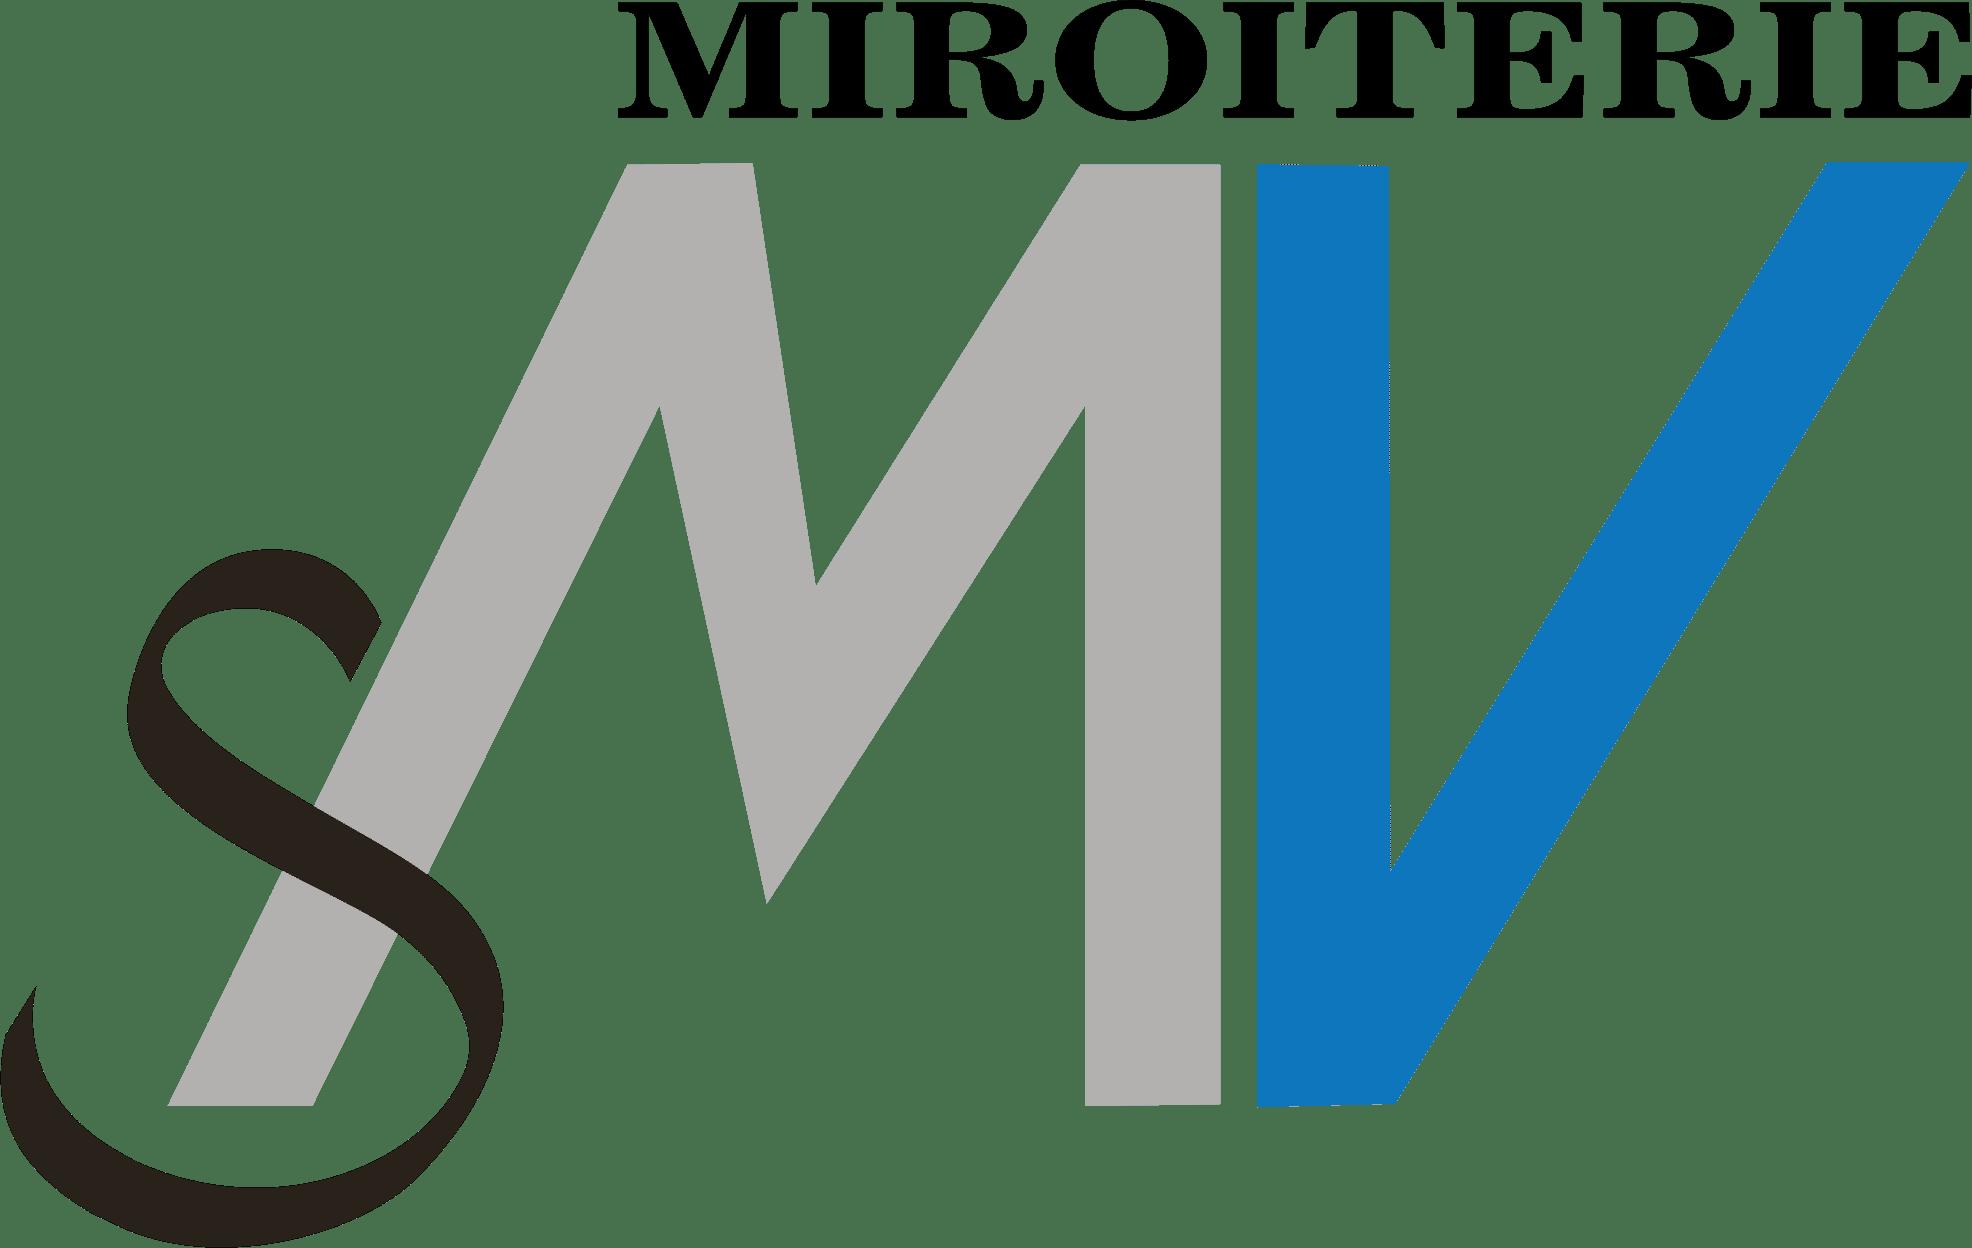 Logo La Miroiterie SMV